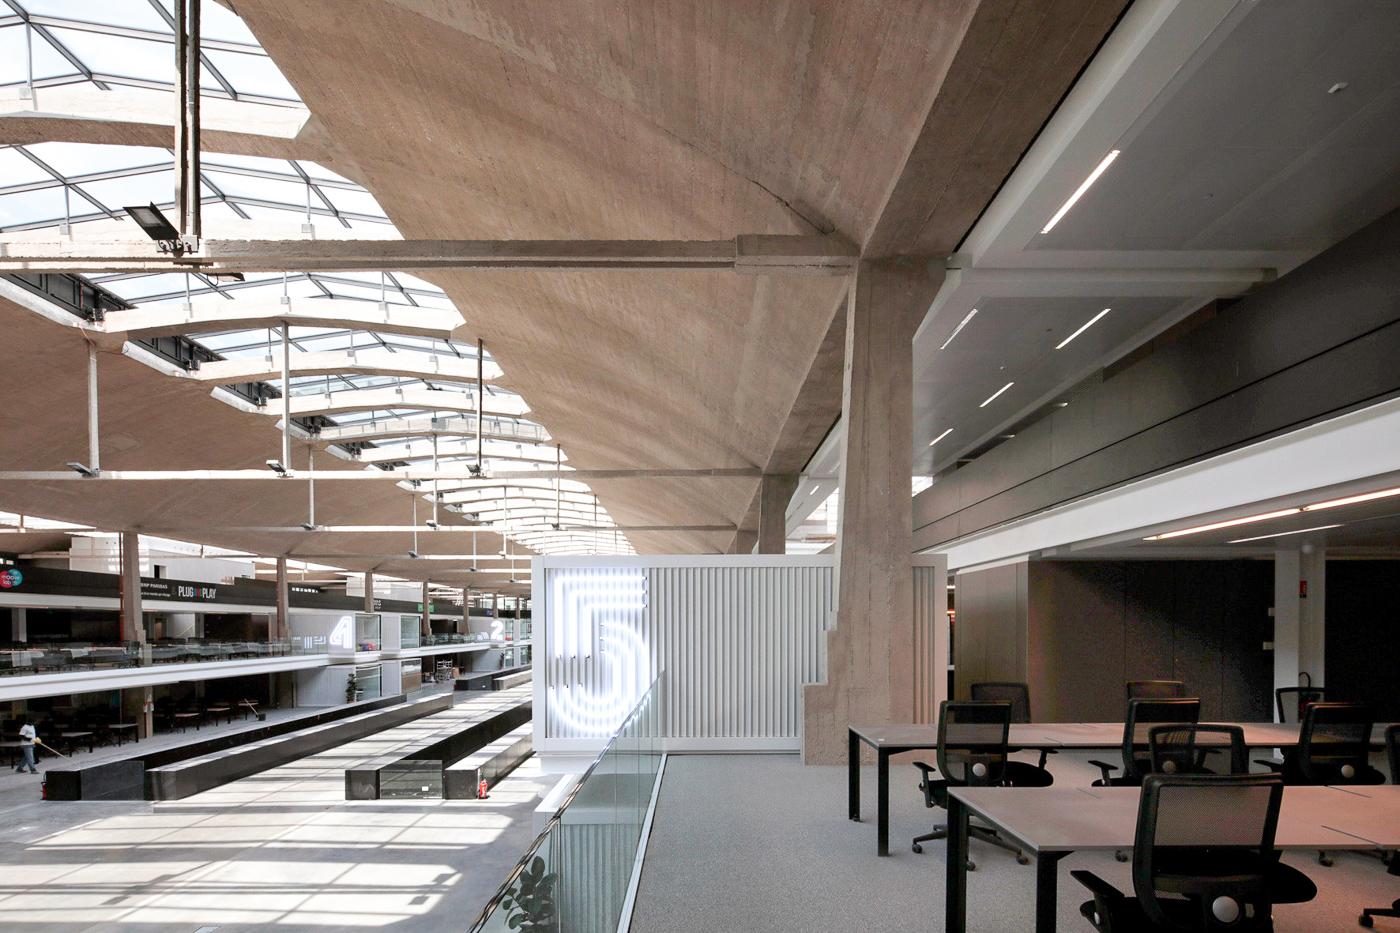 Plafond en béton avec verrières et bureaux avec ordinateurs à l'étage supérieur de Station F